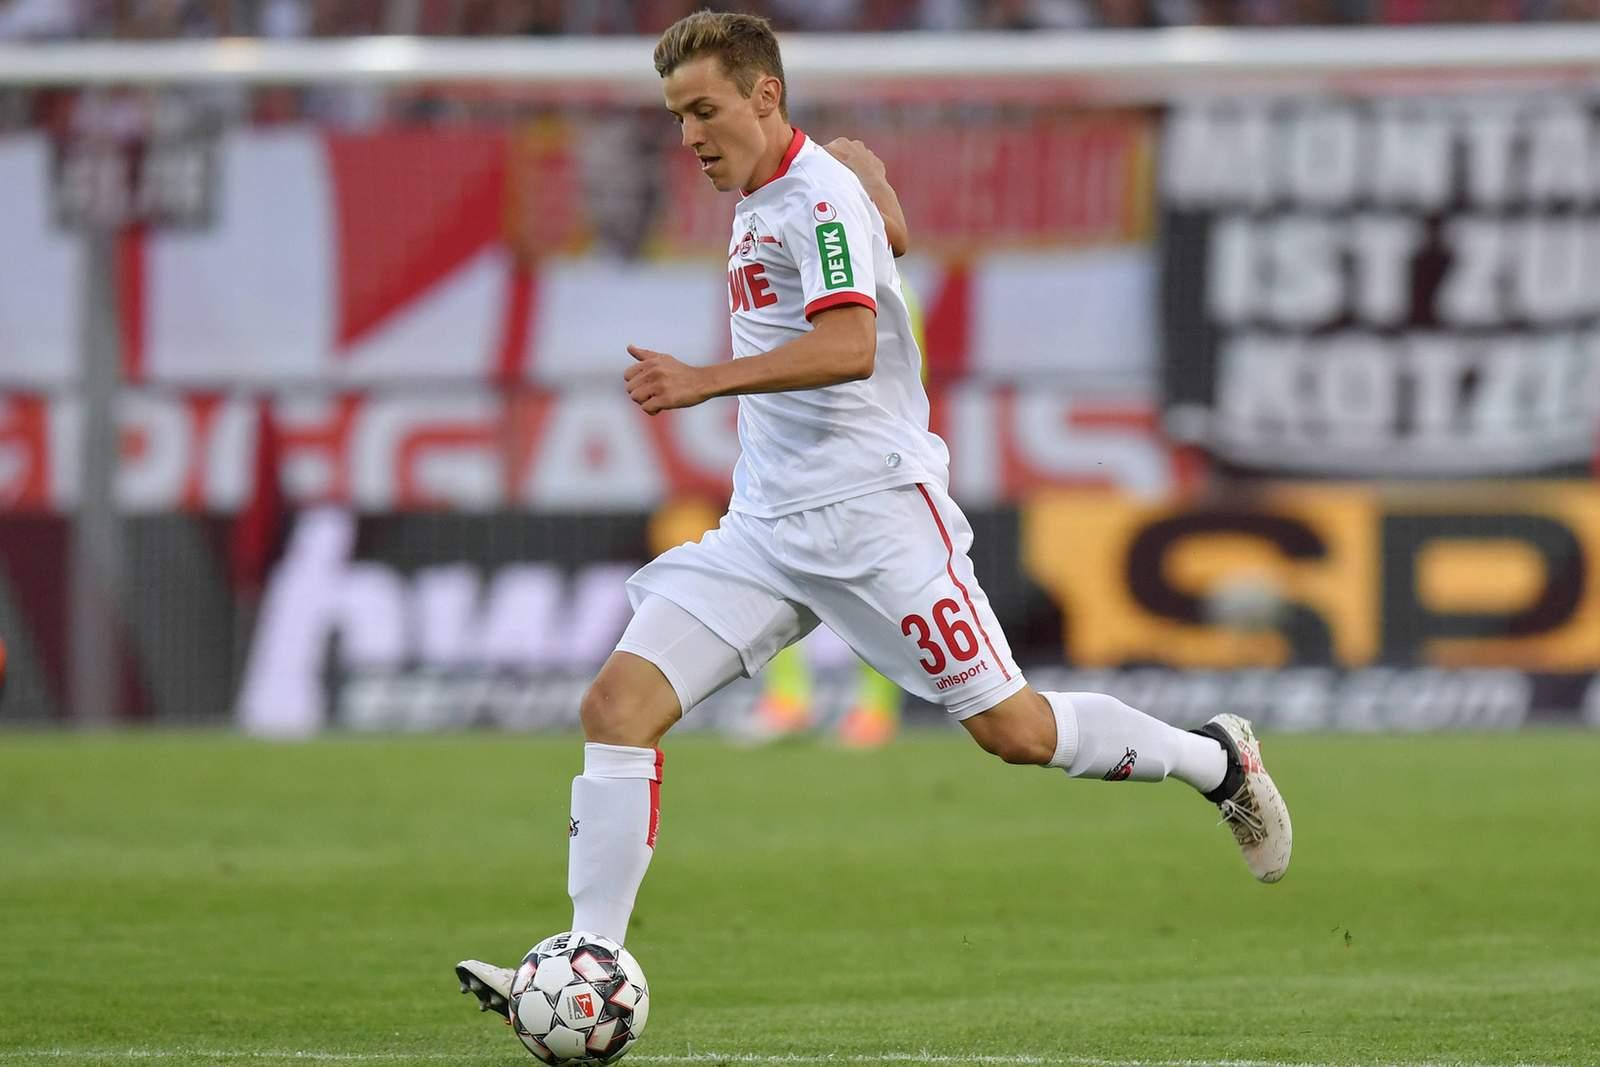 Bejubelt Niklas Hauptmann den dritten Heimsieg? Jetzt auf Köln gegen Heidenheim wetten.